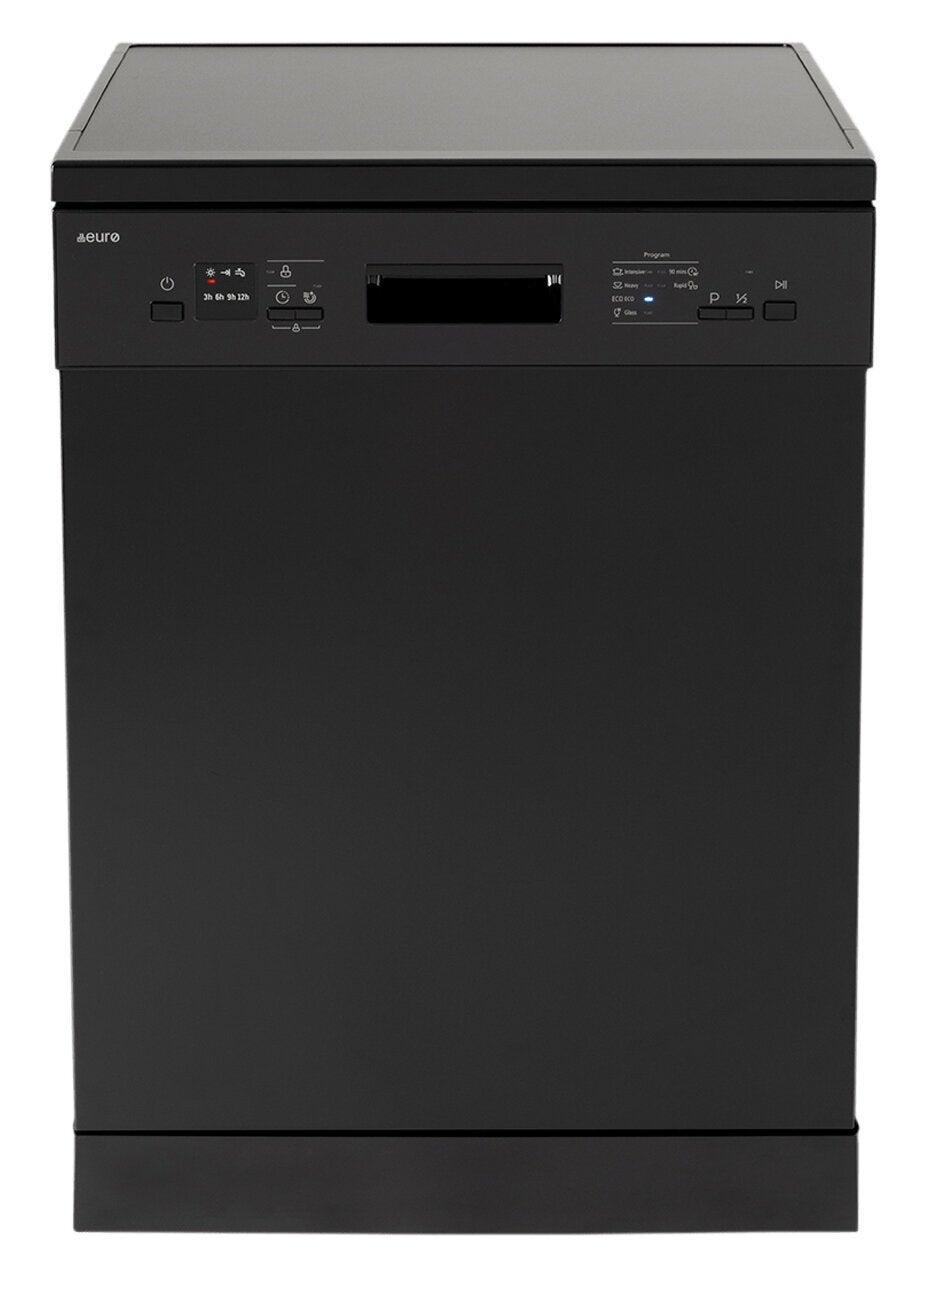 Euro Appliances ED614 Dishwasher